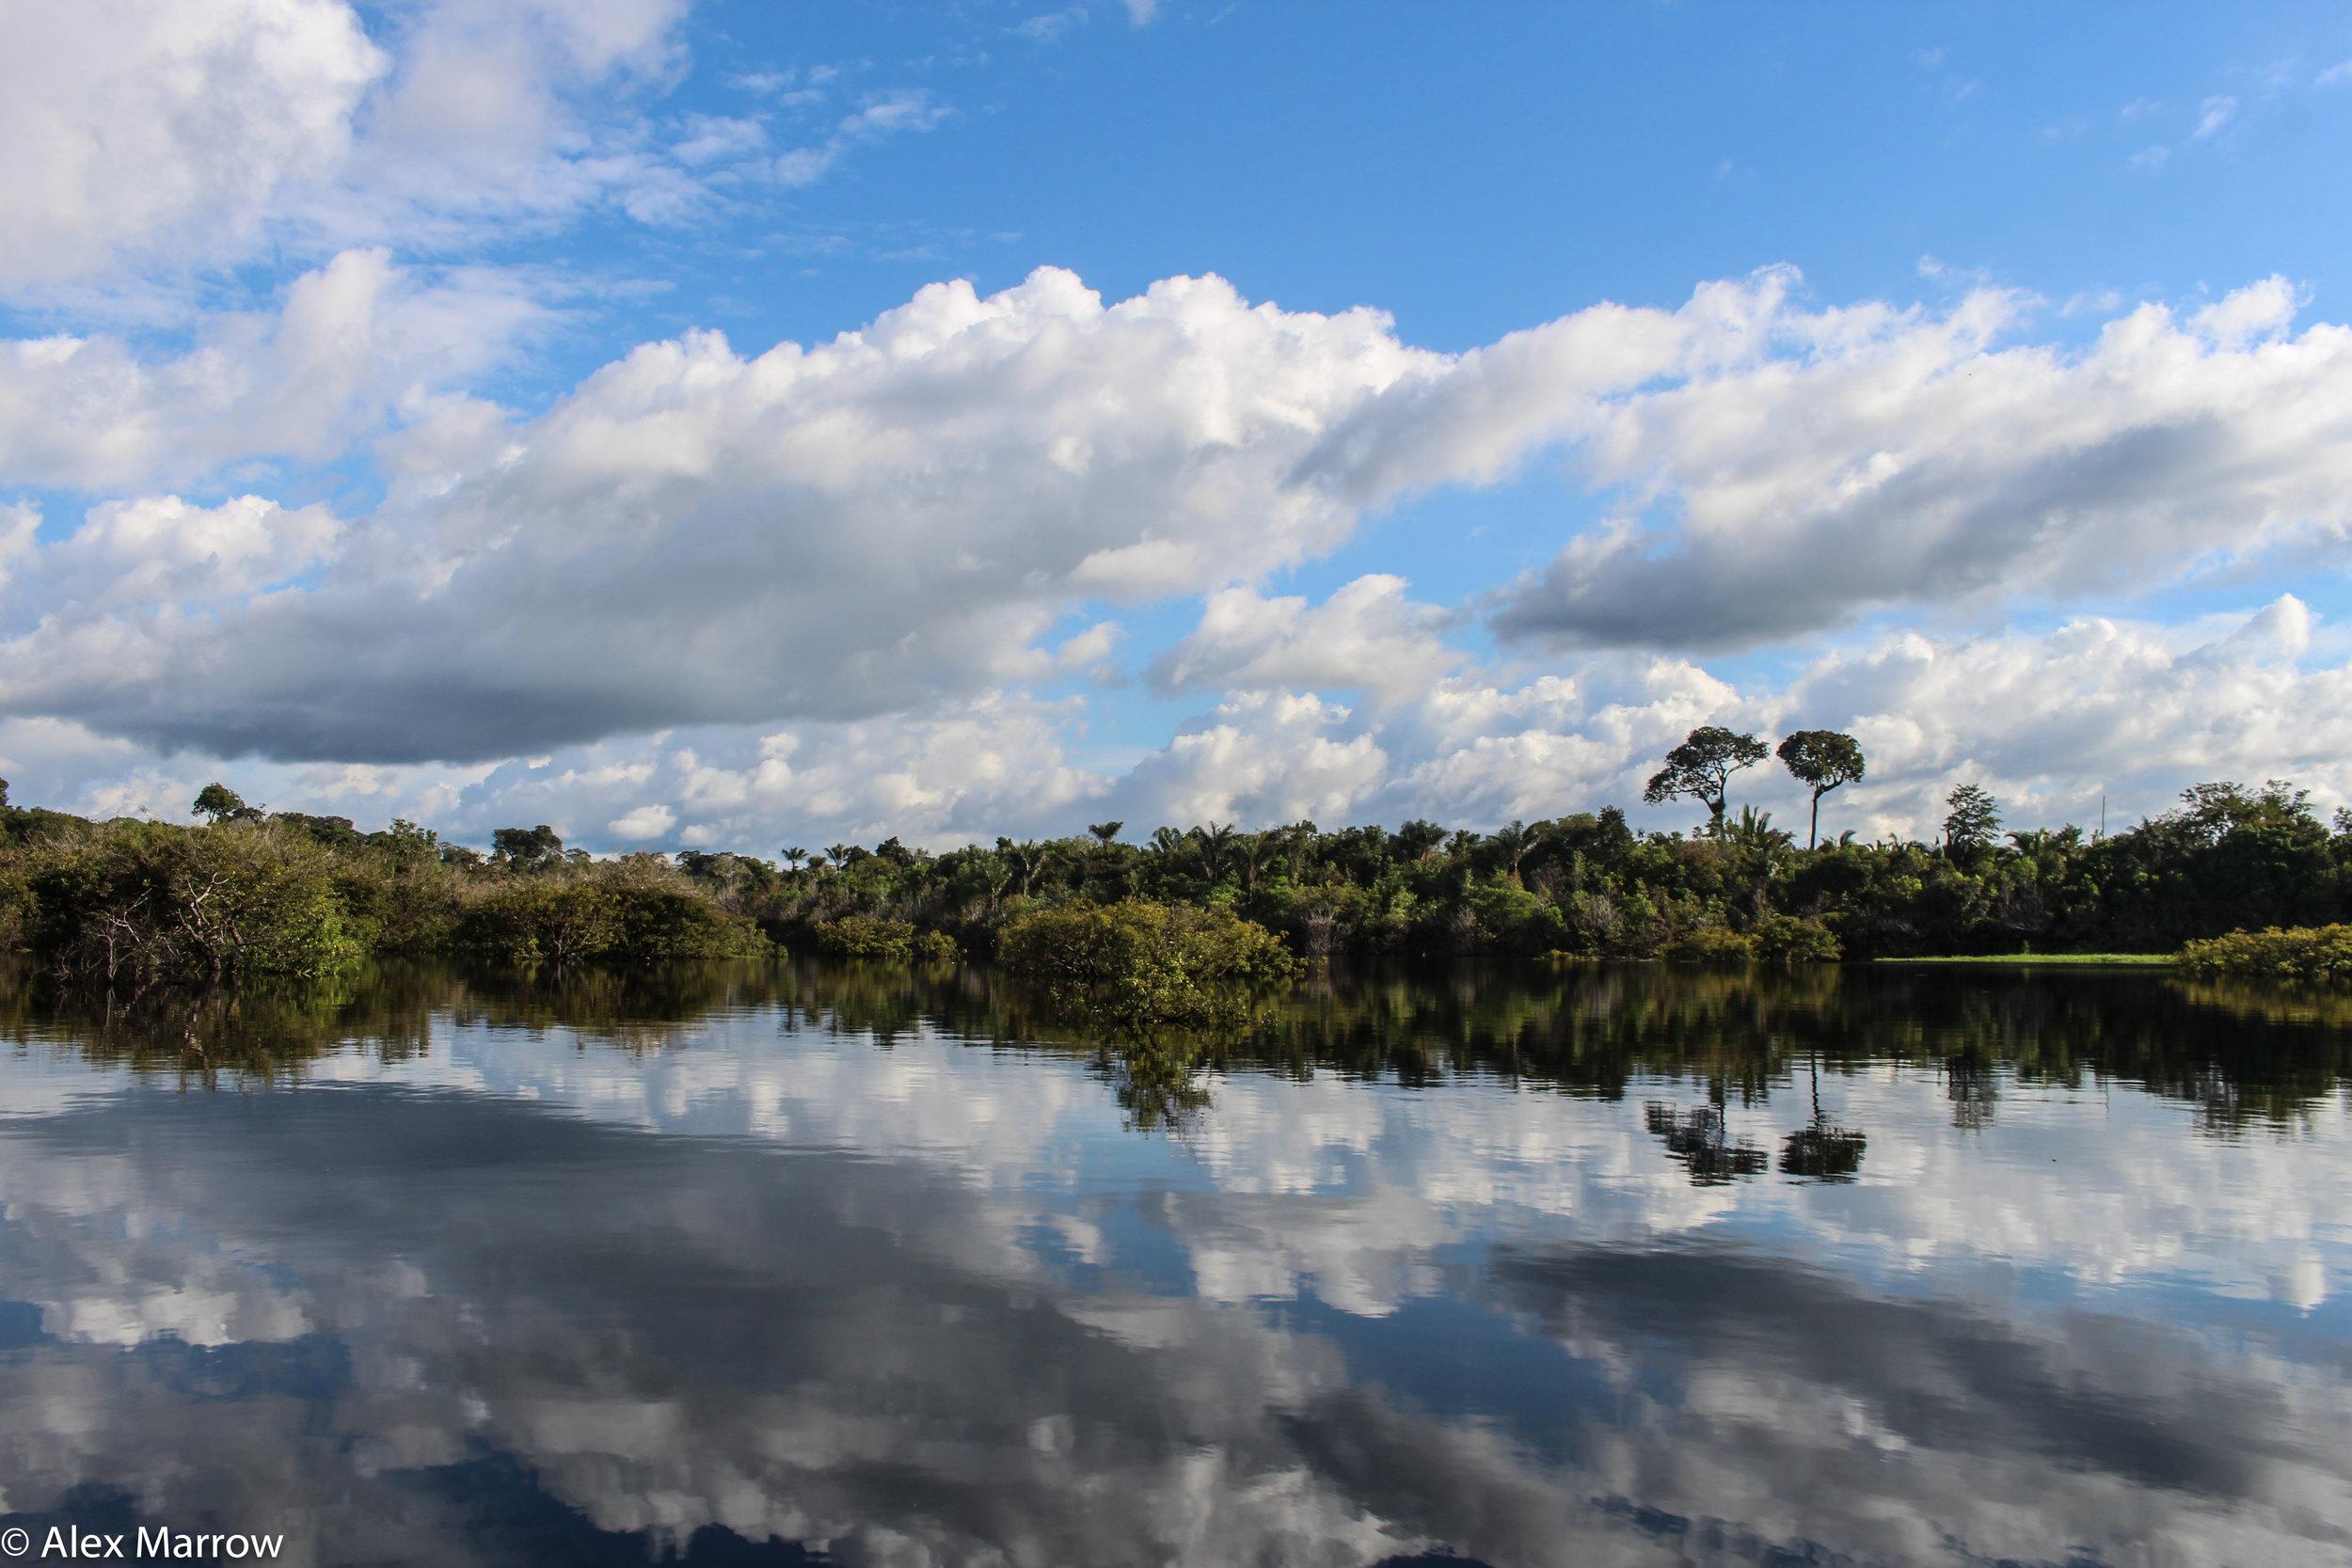 Juma Reserve, Amazon Rainforest